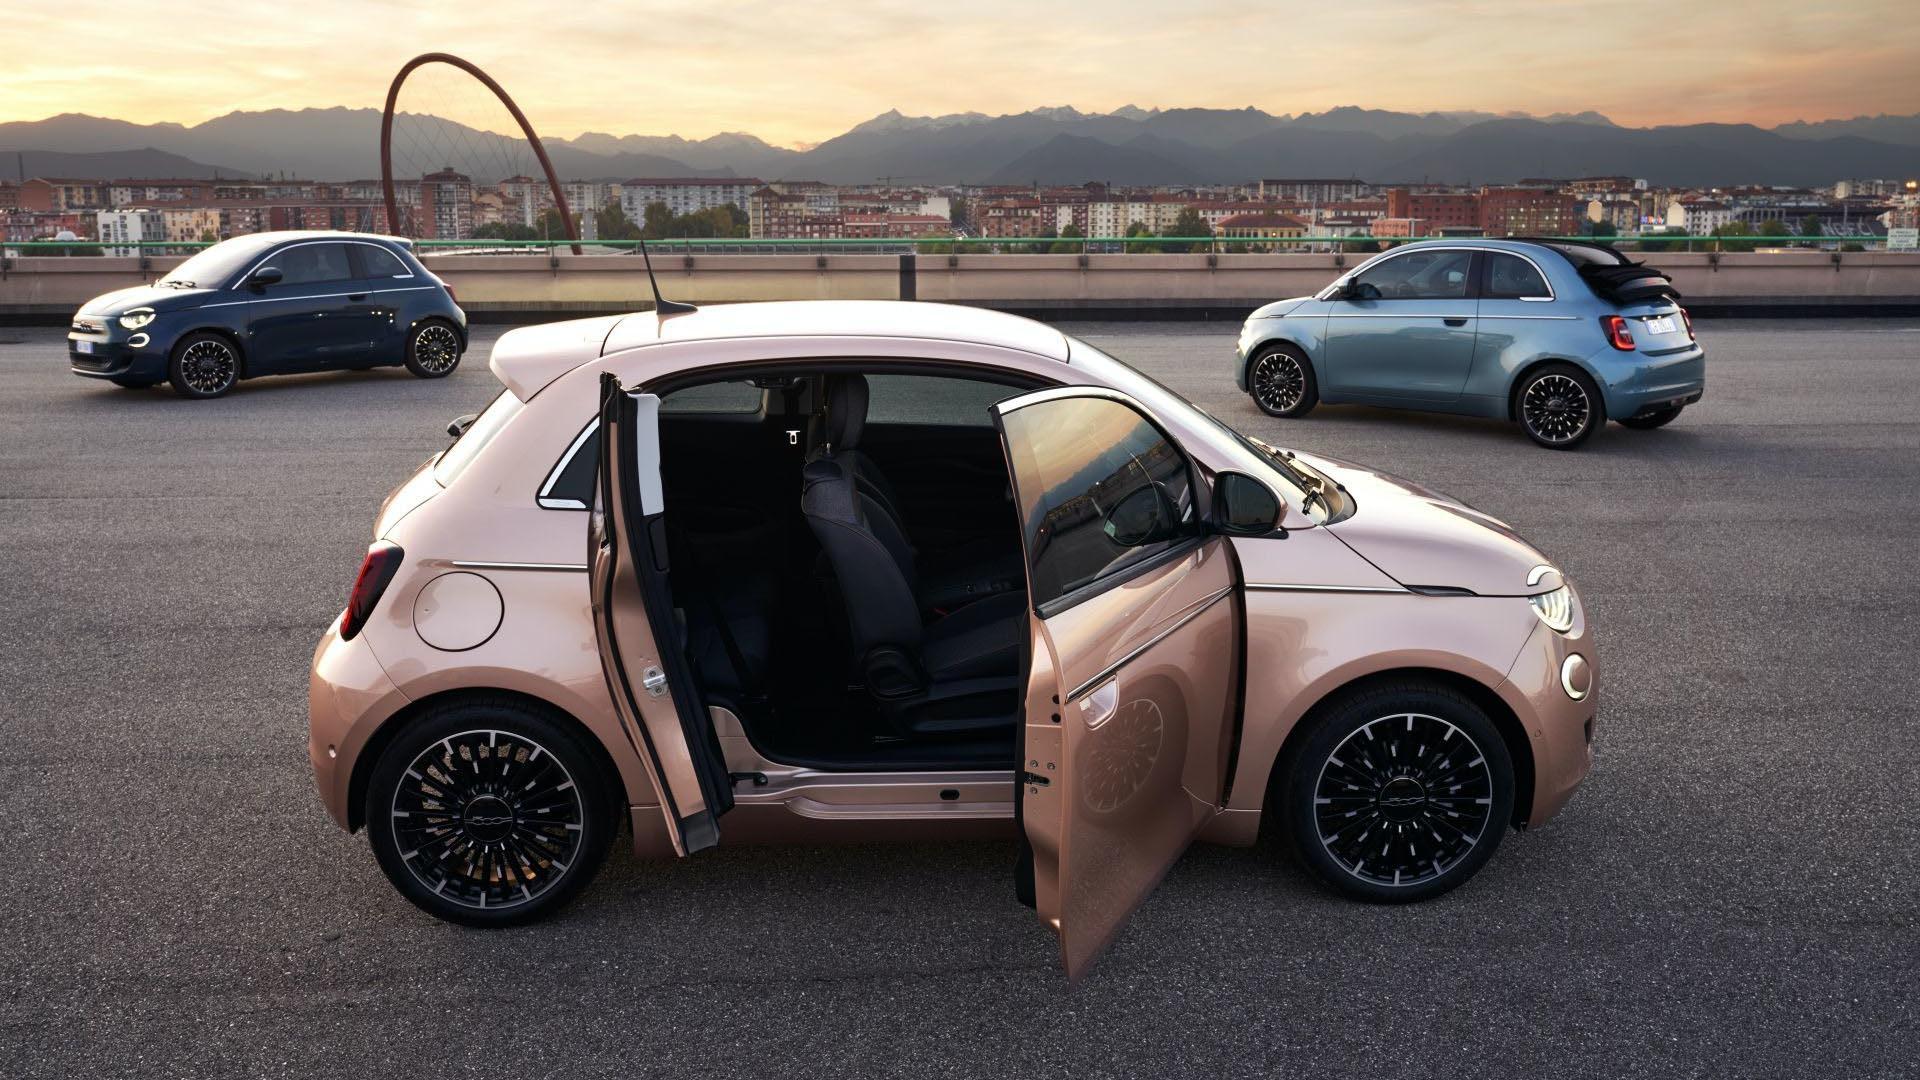 Представлен Fiat 500 3+1: асимметричный дизайн с дополнительной дверью для пассажиров